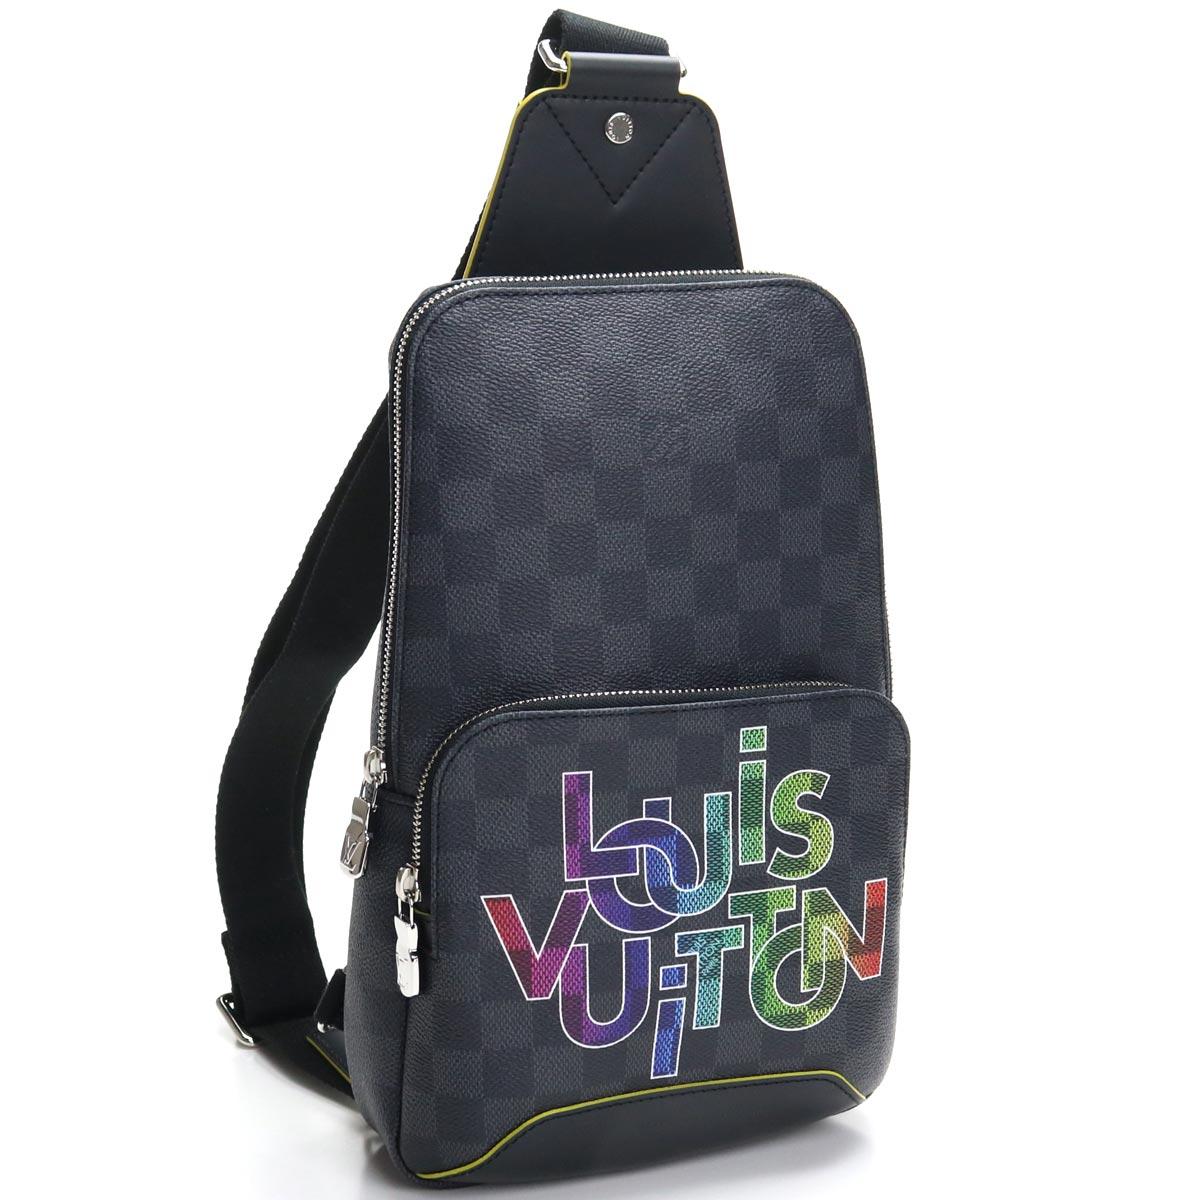 ルイ ヴィトン LOUIS VUITTON グラフィット ボディバッグ N40273 グラフィット ブラック グレー系 メンズ